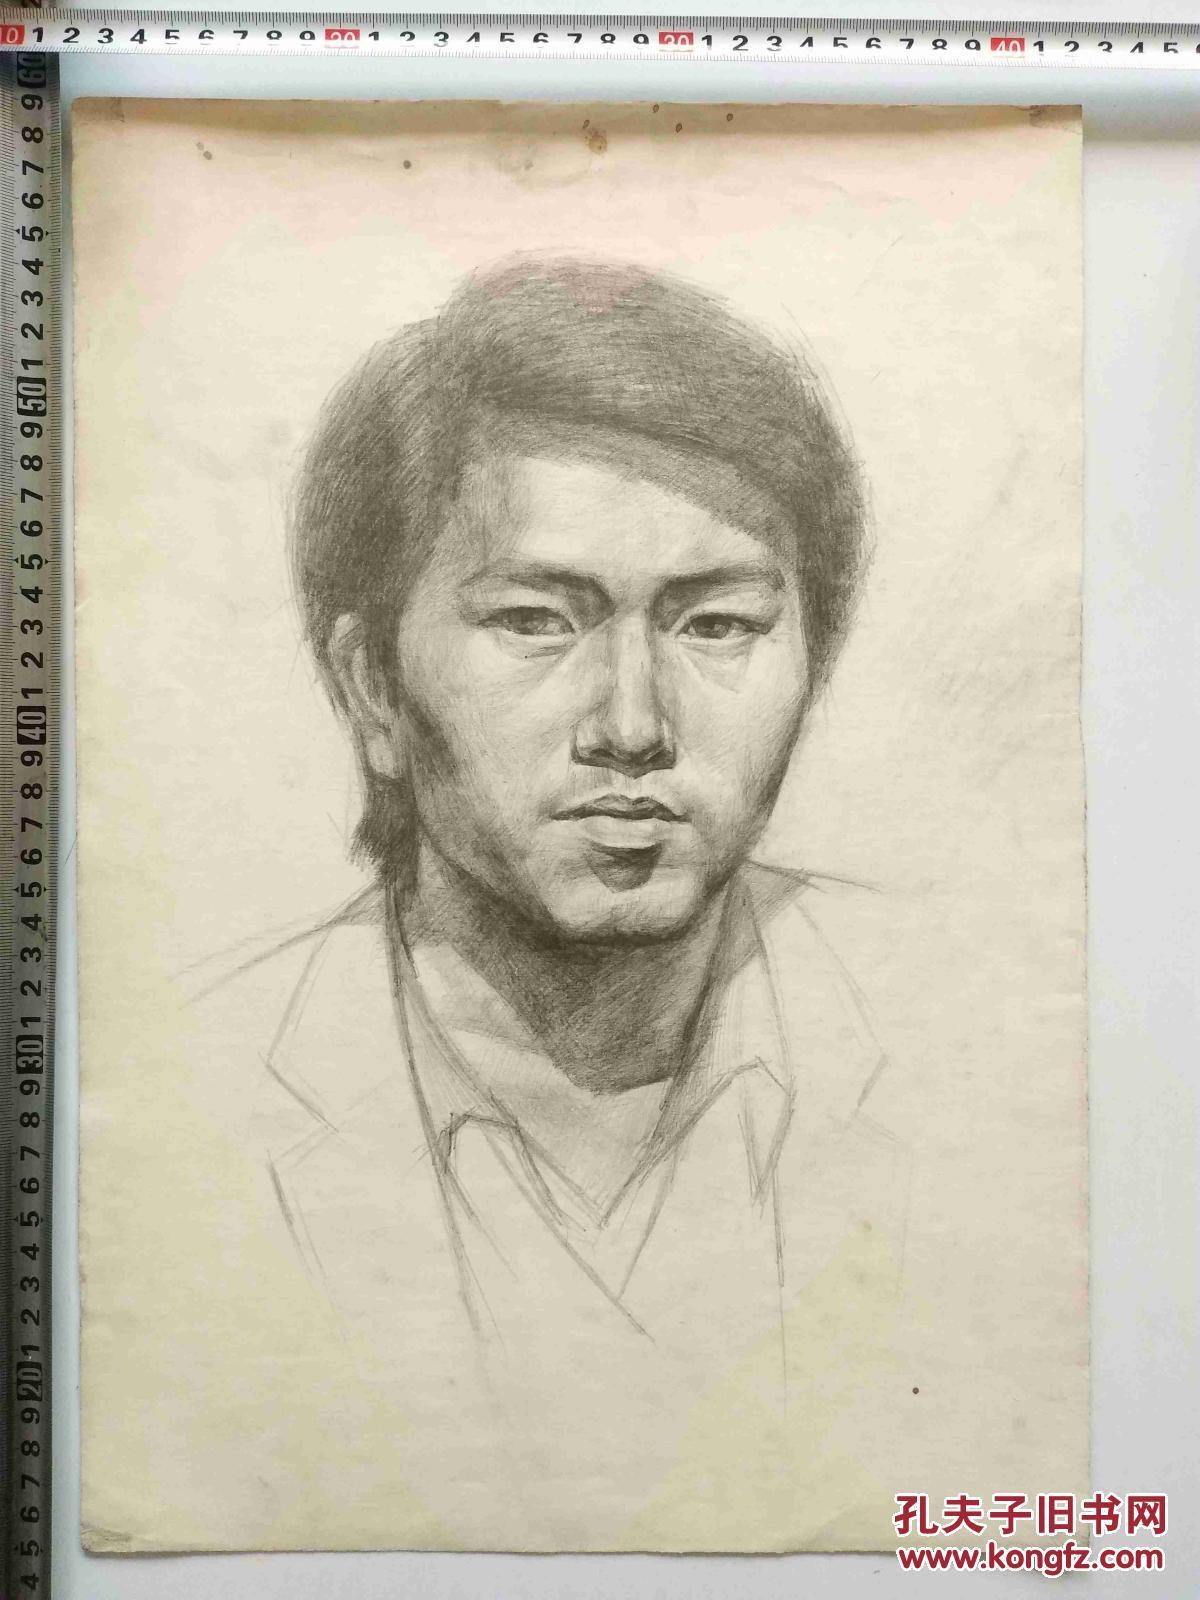 80年代铅笔素描速写画稿原稿《男青年》